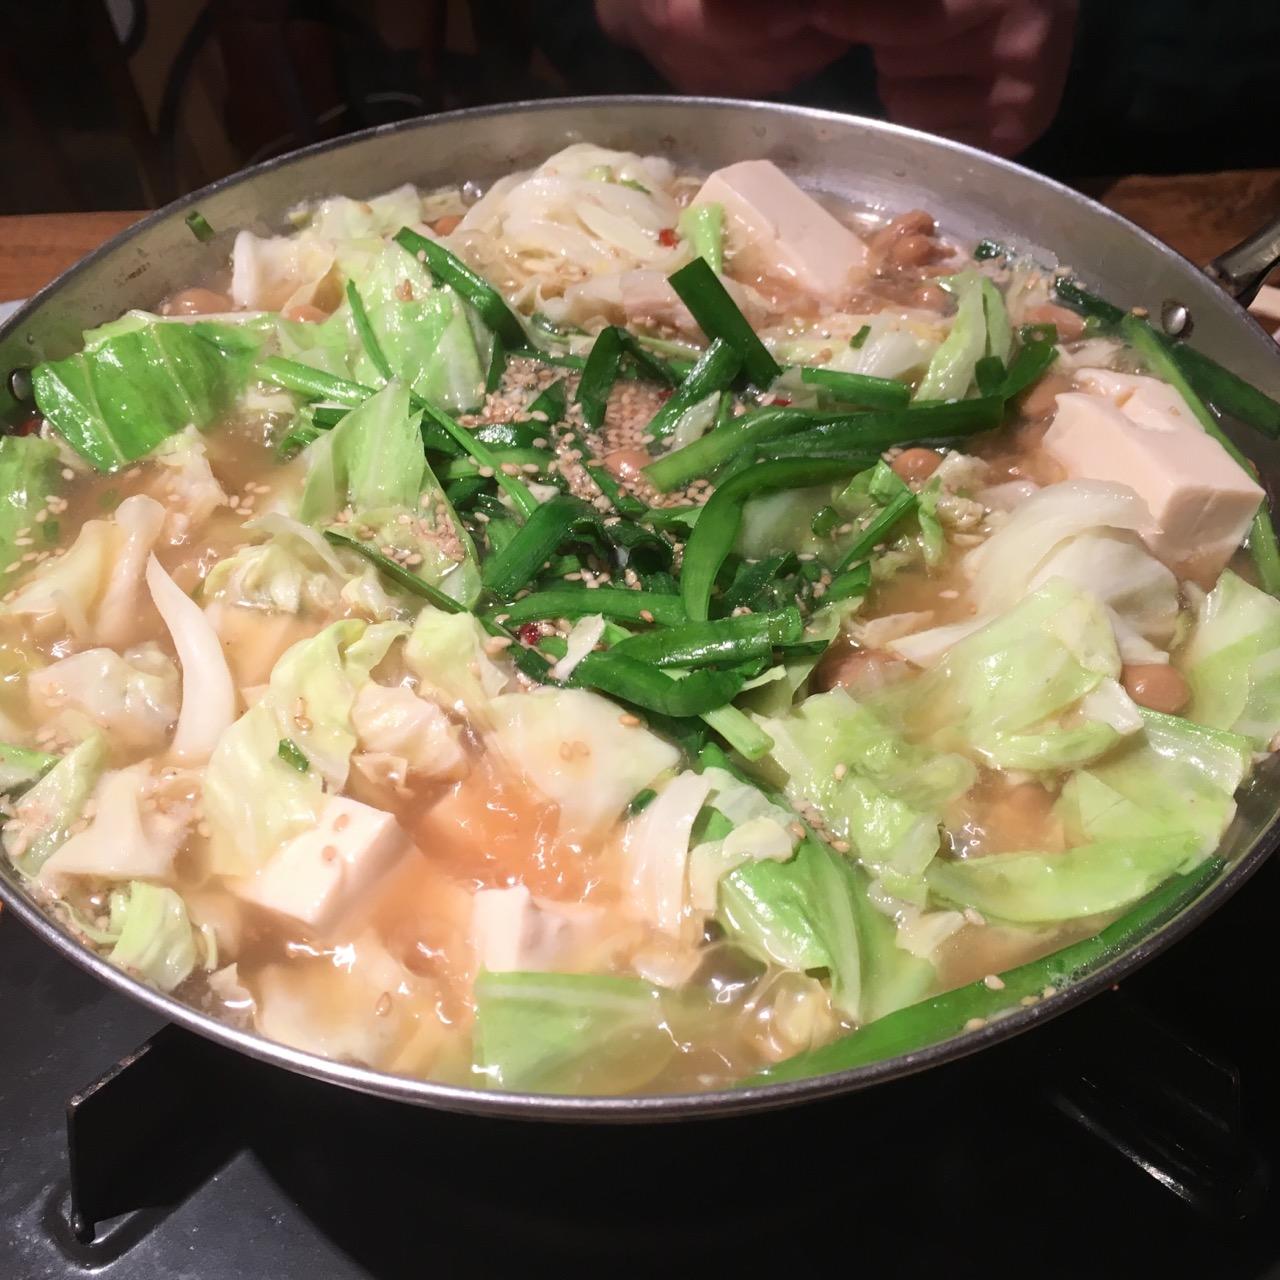 『納豆家 粘ランド』で納豆もつ鍋コースを食べてきました♡